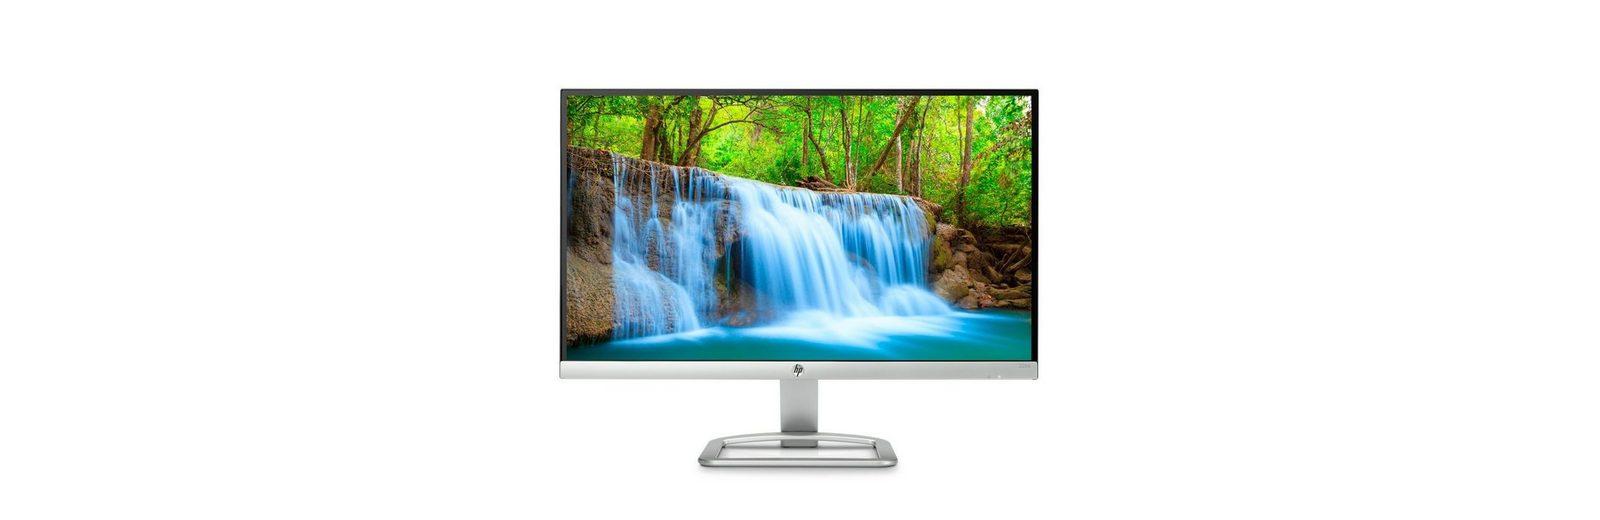 """HP 22es Monitor »54,61 cm (21,5"""") Full HD Monitor«"""